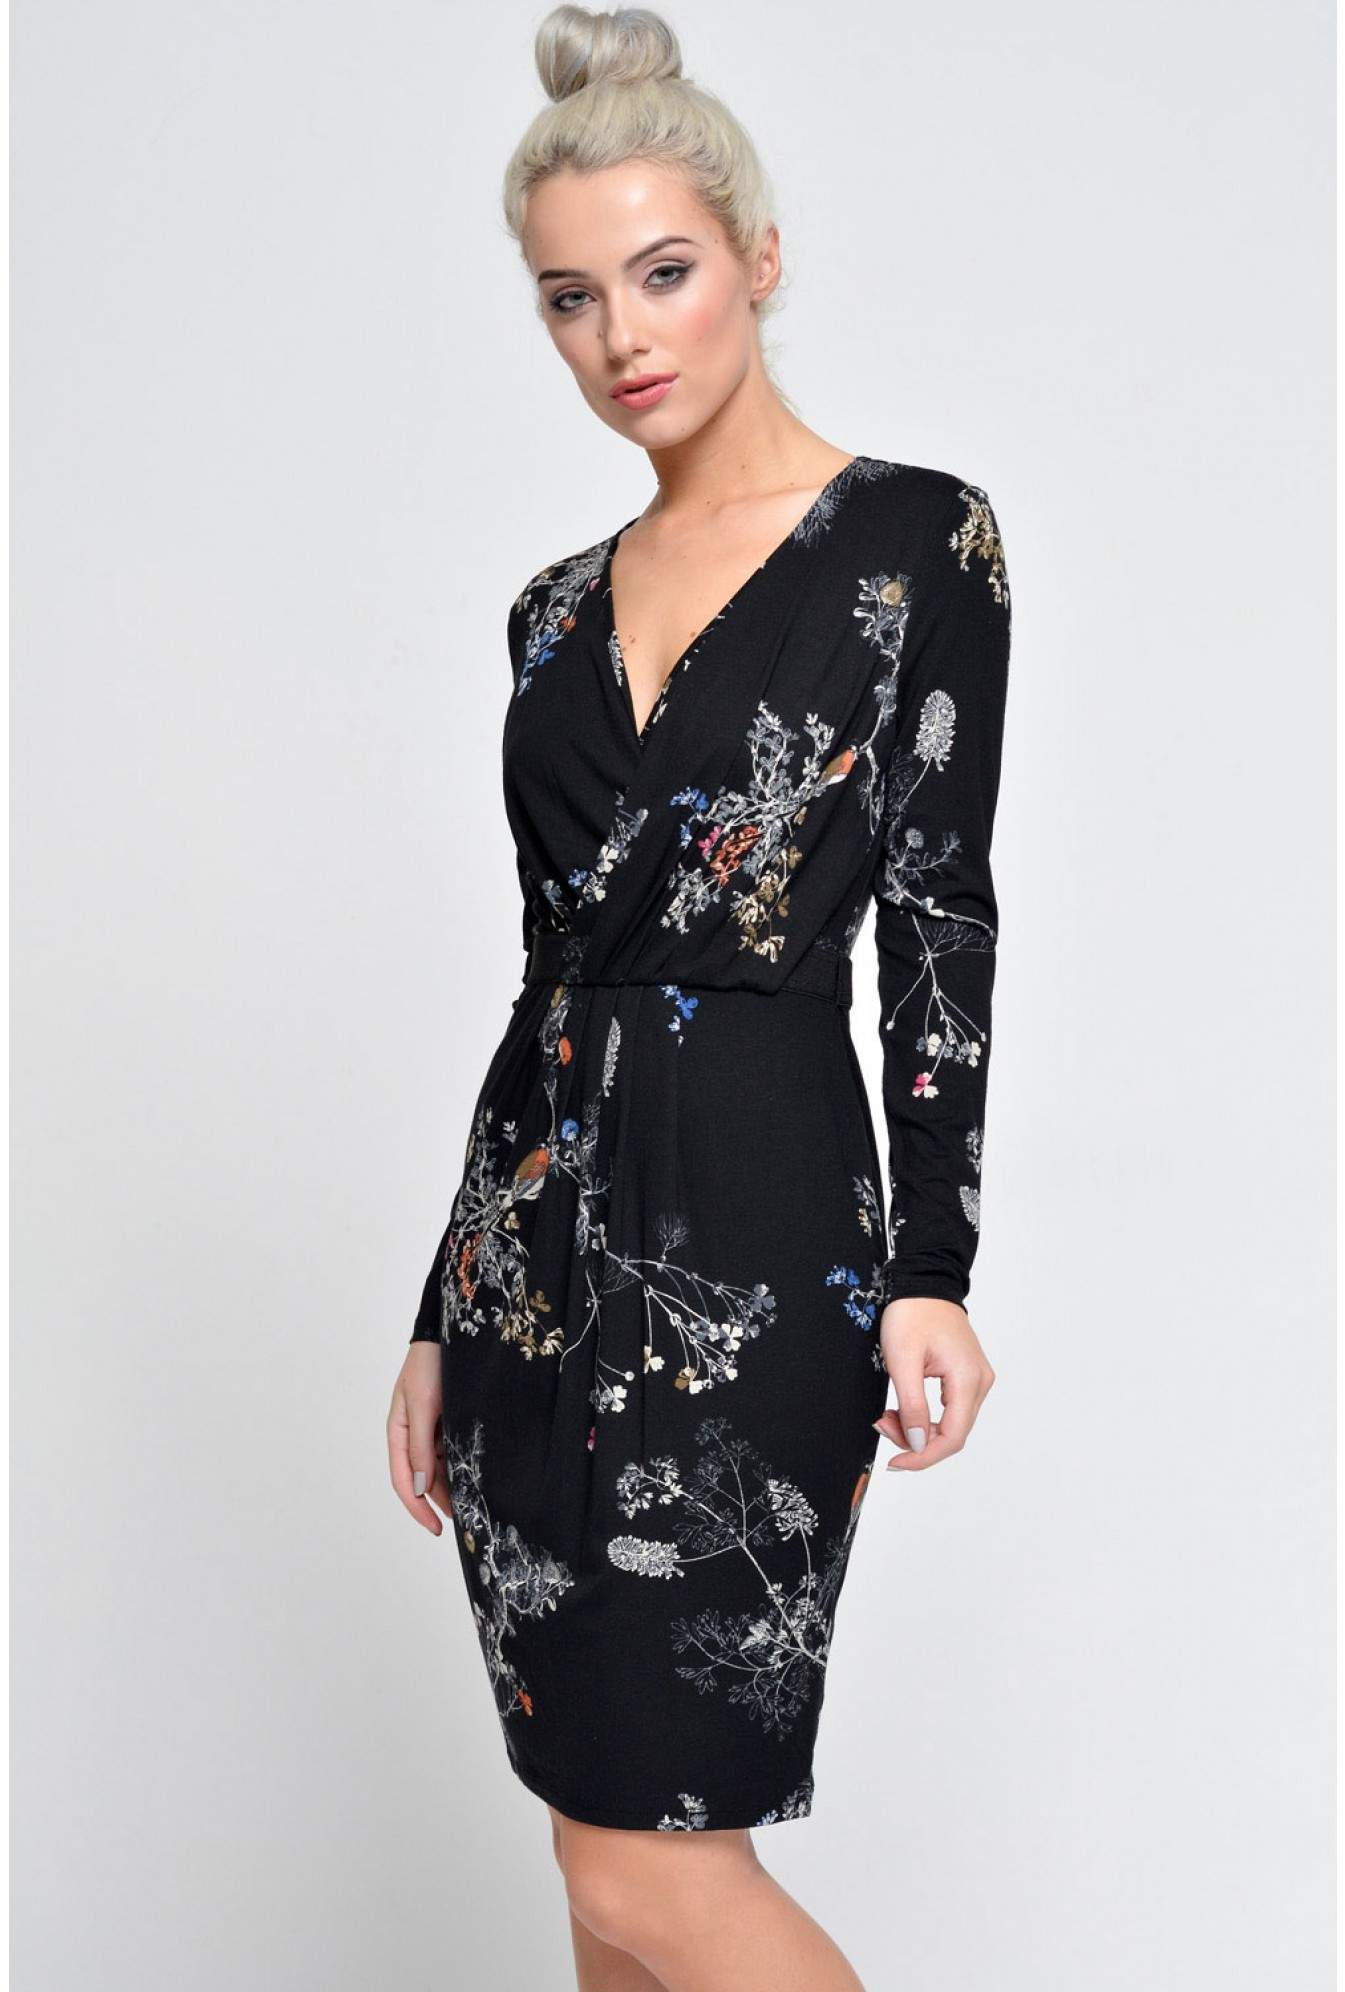 b4051a63ccd91 More Views. Alissa L/S Dress in Black. Vero Moda